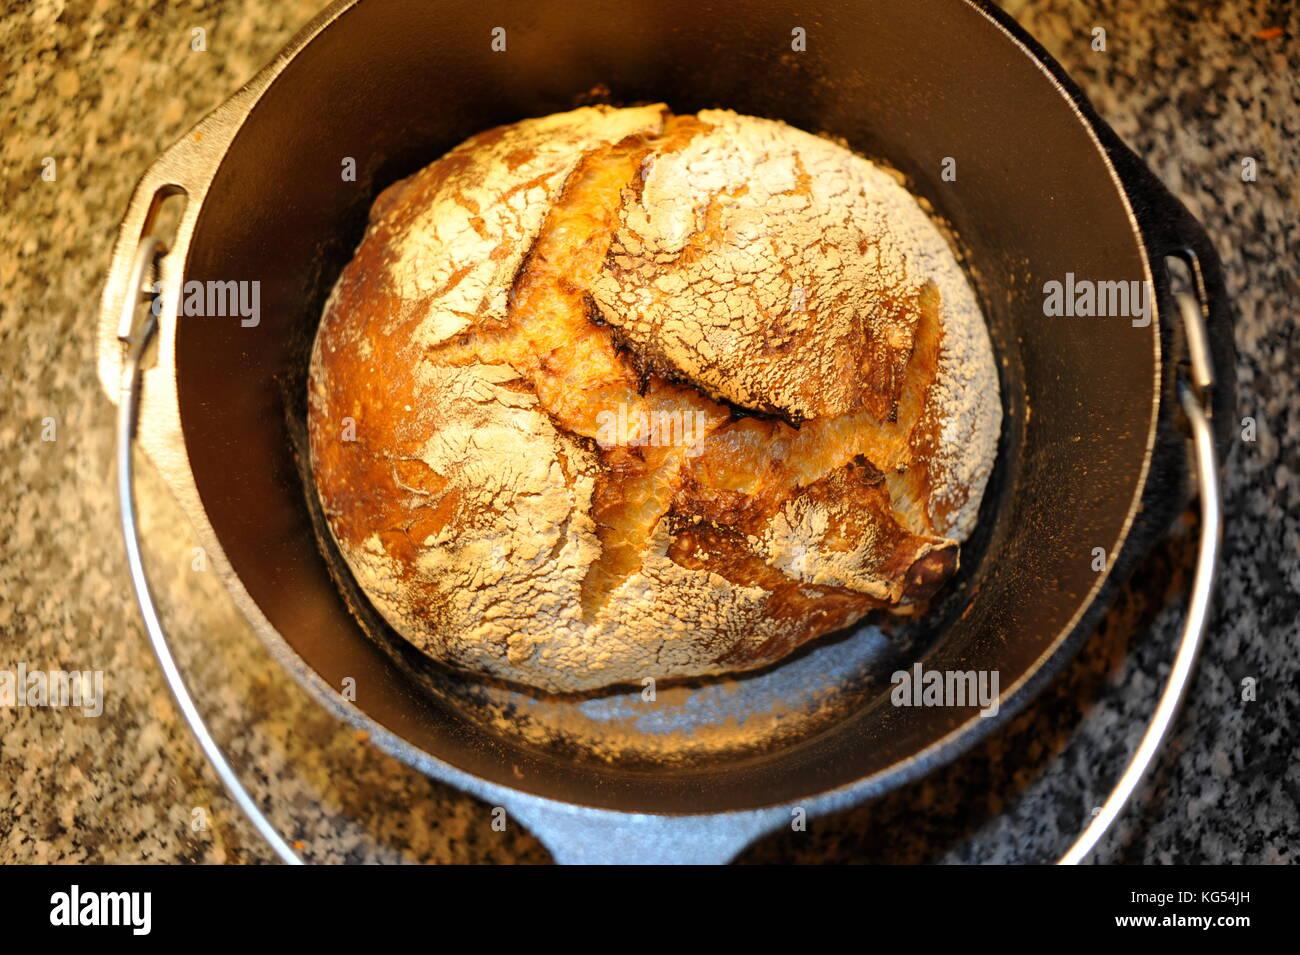 Fresco pan crujiente pan casero artesanal en un horno for Horno de hierro fundido